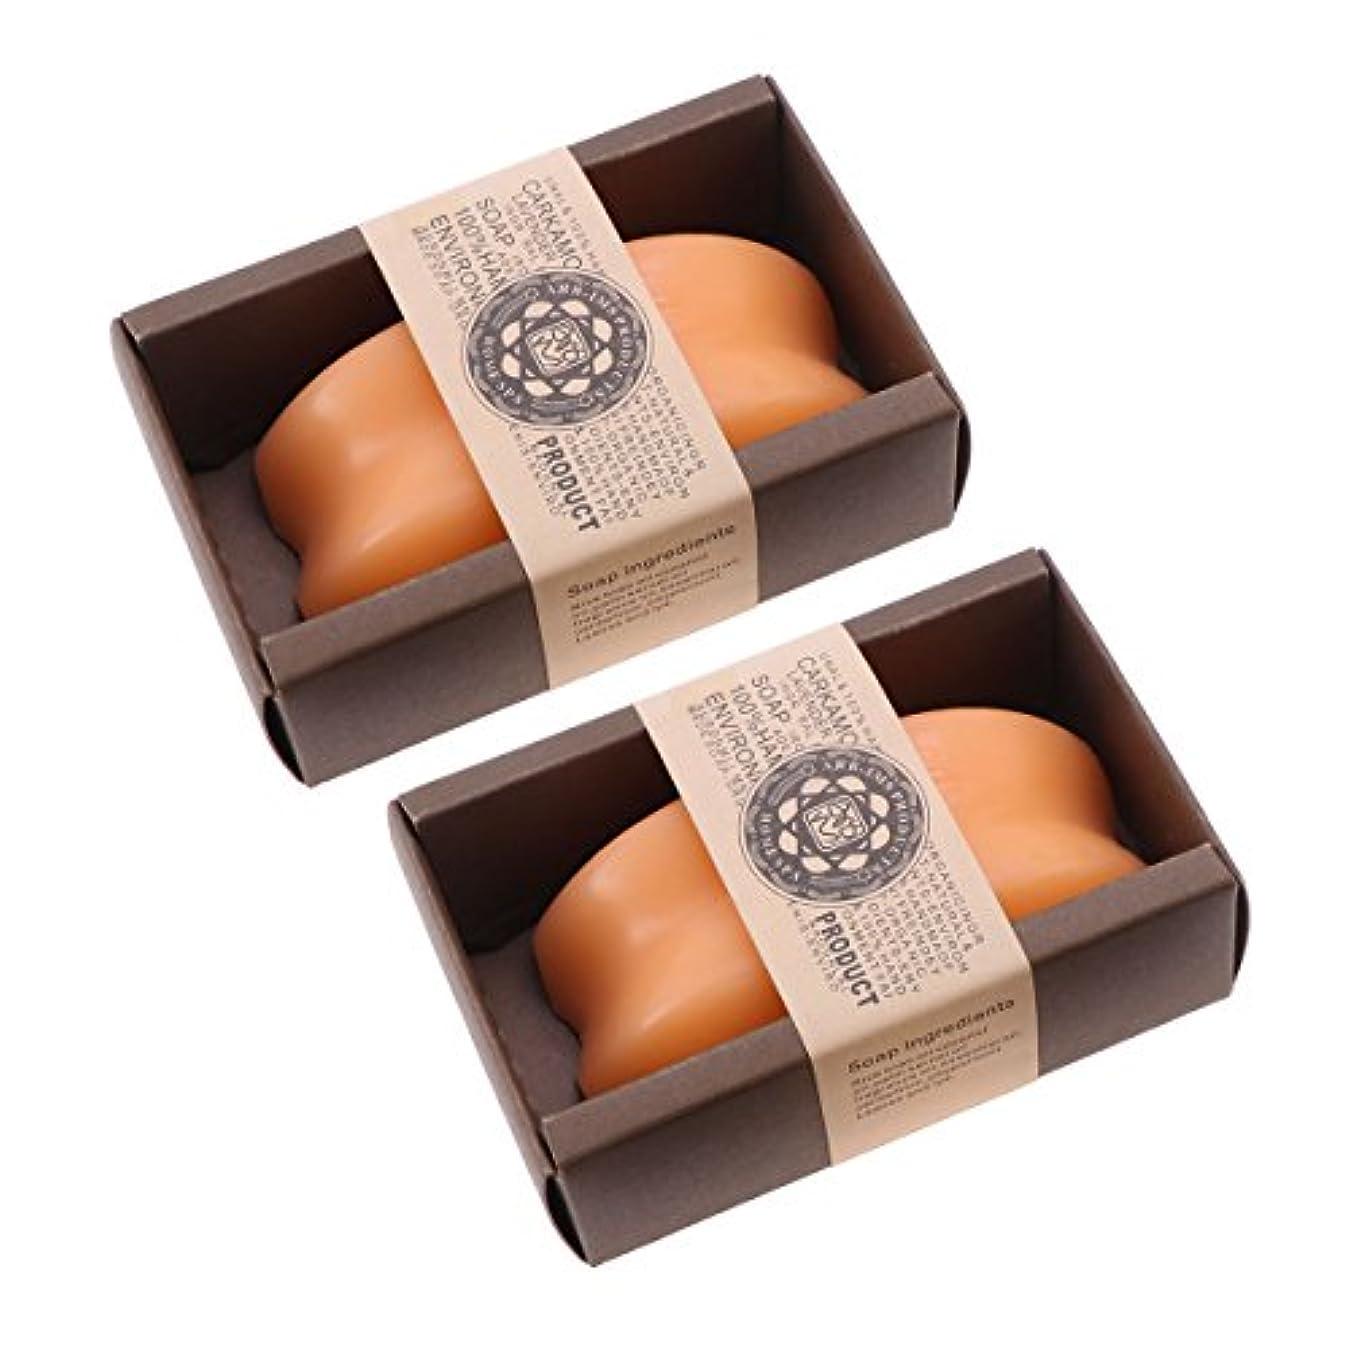 状サッカー補充Lurrose パパイヤソープオーガニック手作りエッセンシャルオイルソープバーモイスチャライジングボディウォッシュソープ2個(オレンジ)